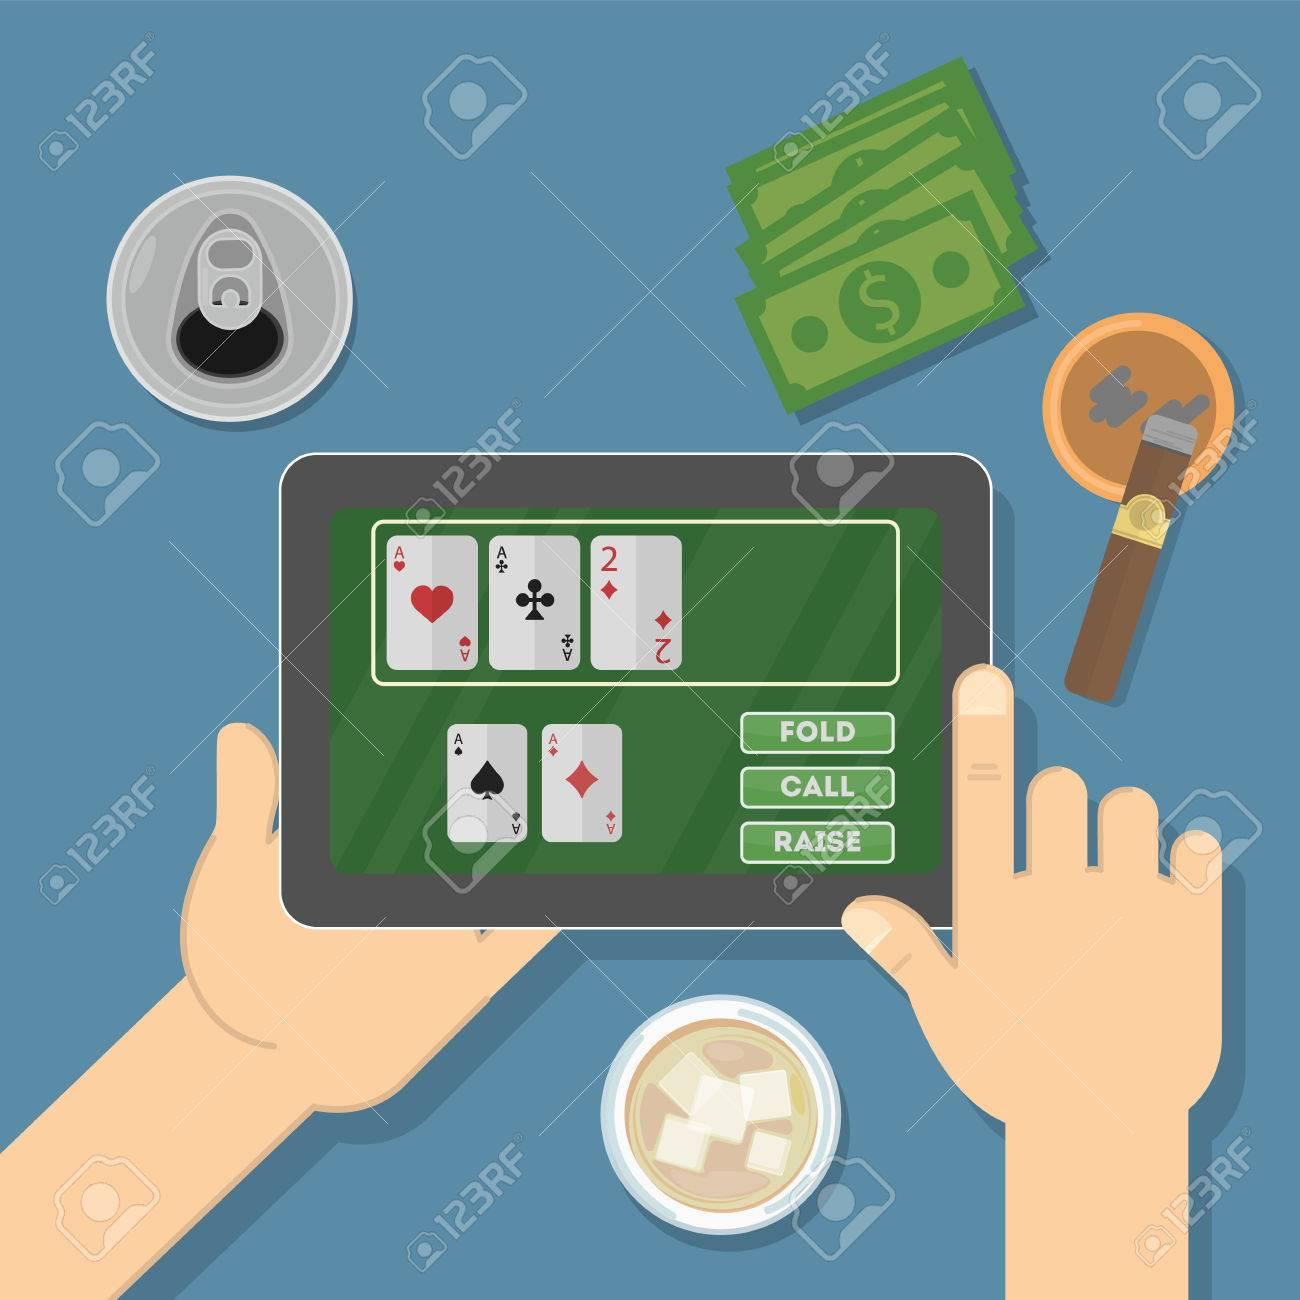 бесплатно на депозит в казино